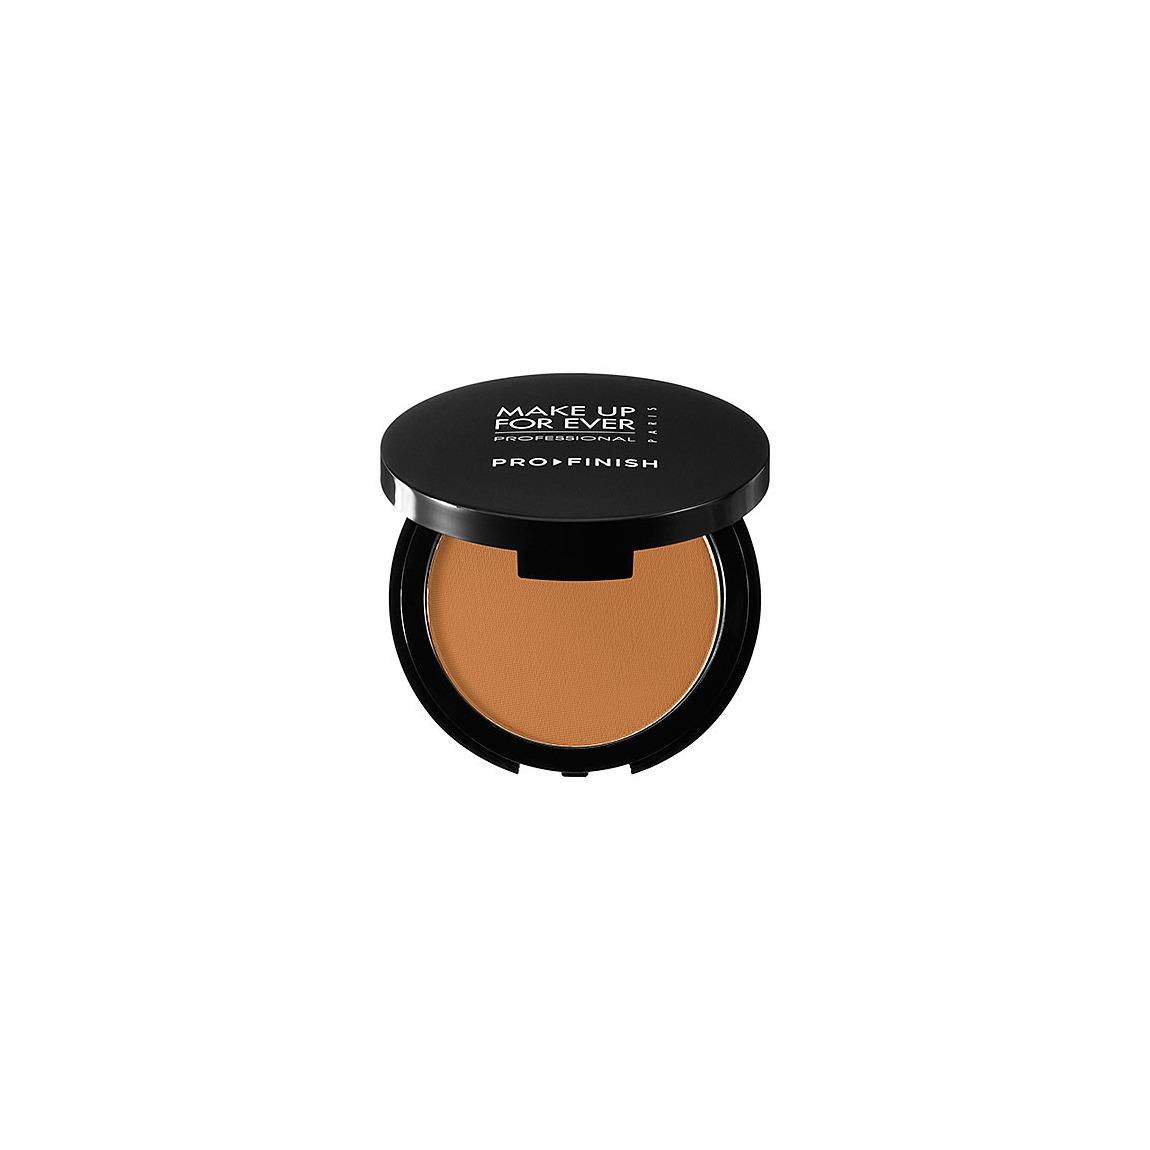 Make Up For Ever Pro Finish Multi Use Powder Foundation 174 Beautylish